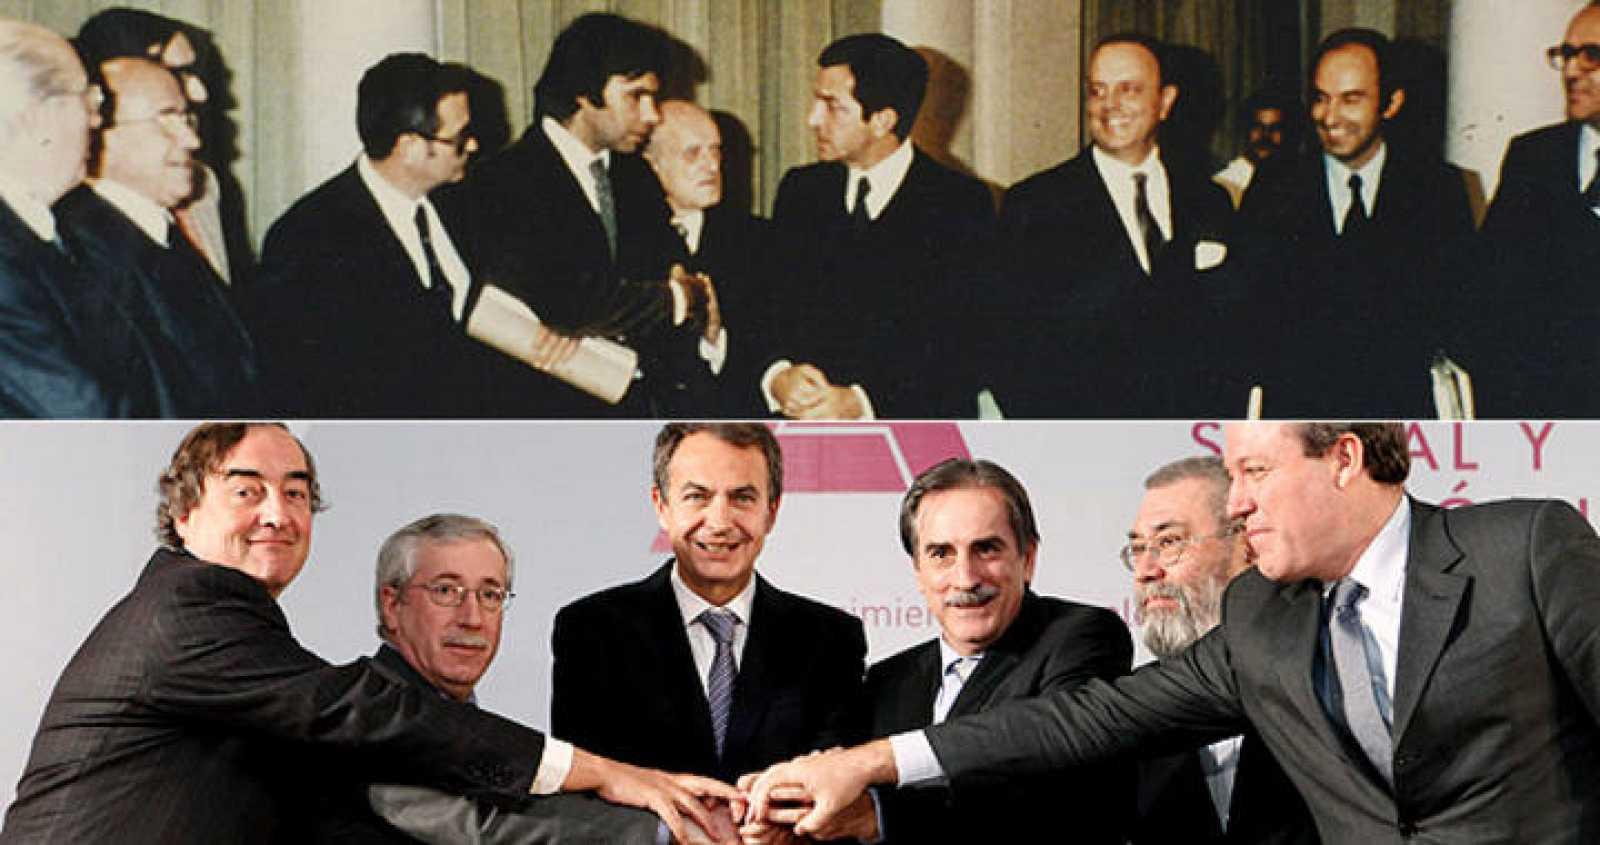 Los Pactos de La Moncloa se firmaron el 25 de octubre de 1977 por todos los partidos políticos. La reforma de las pensiones se ha firmado el 2 de febrero de 2011 en el mismo lugar.